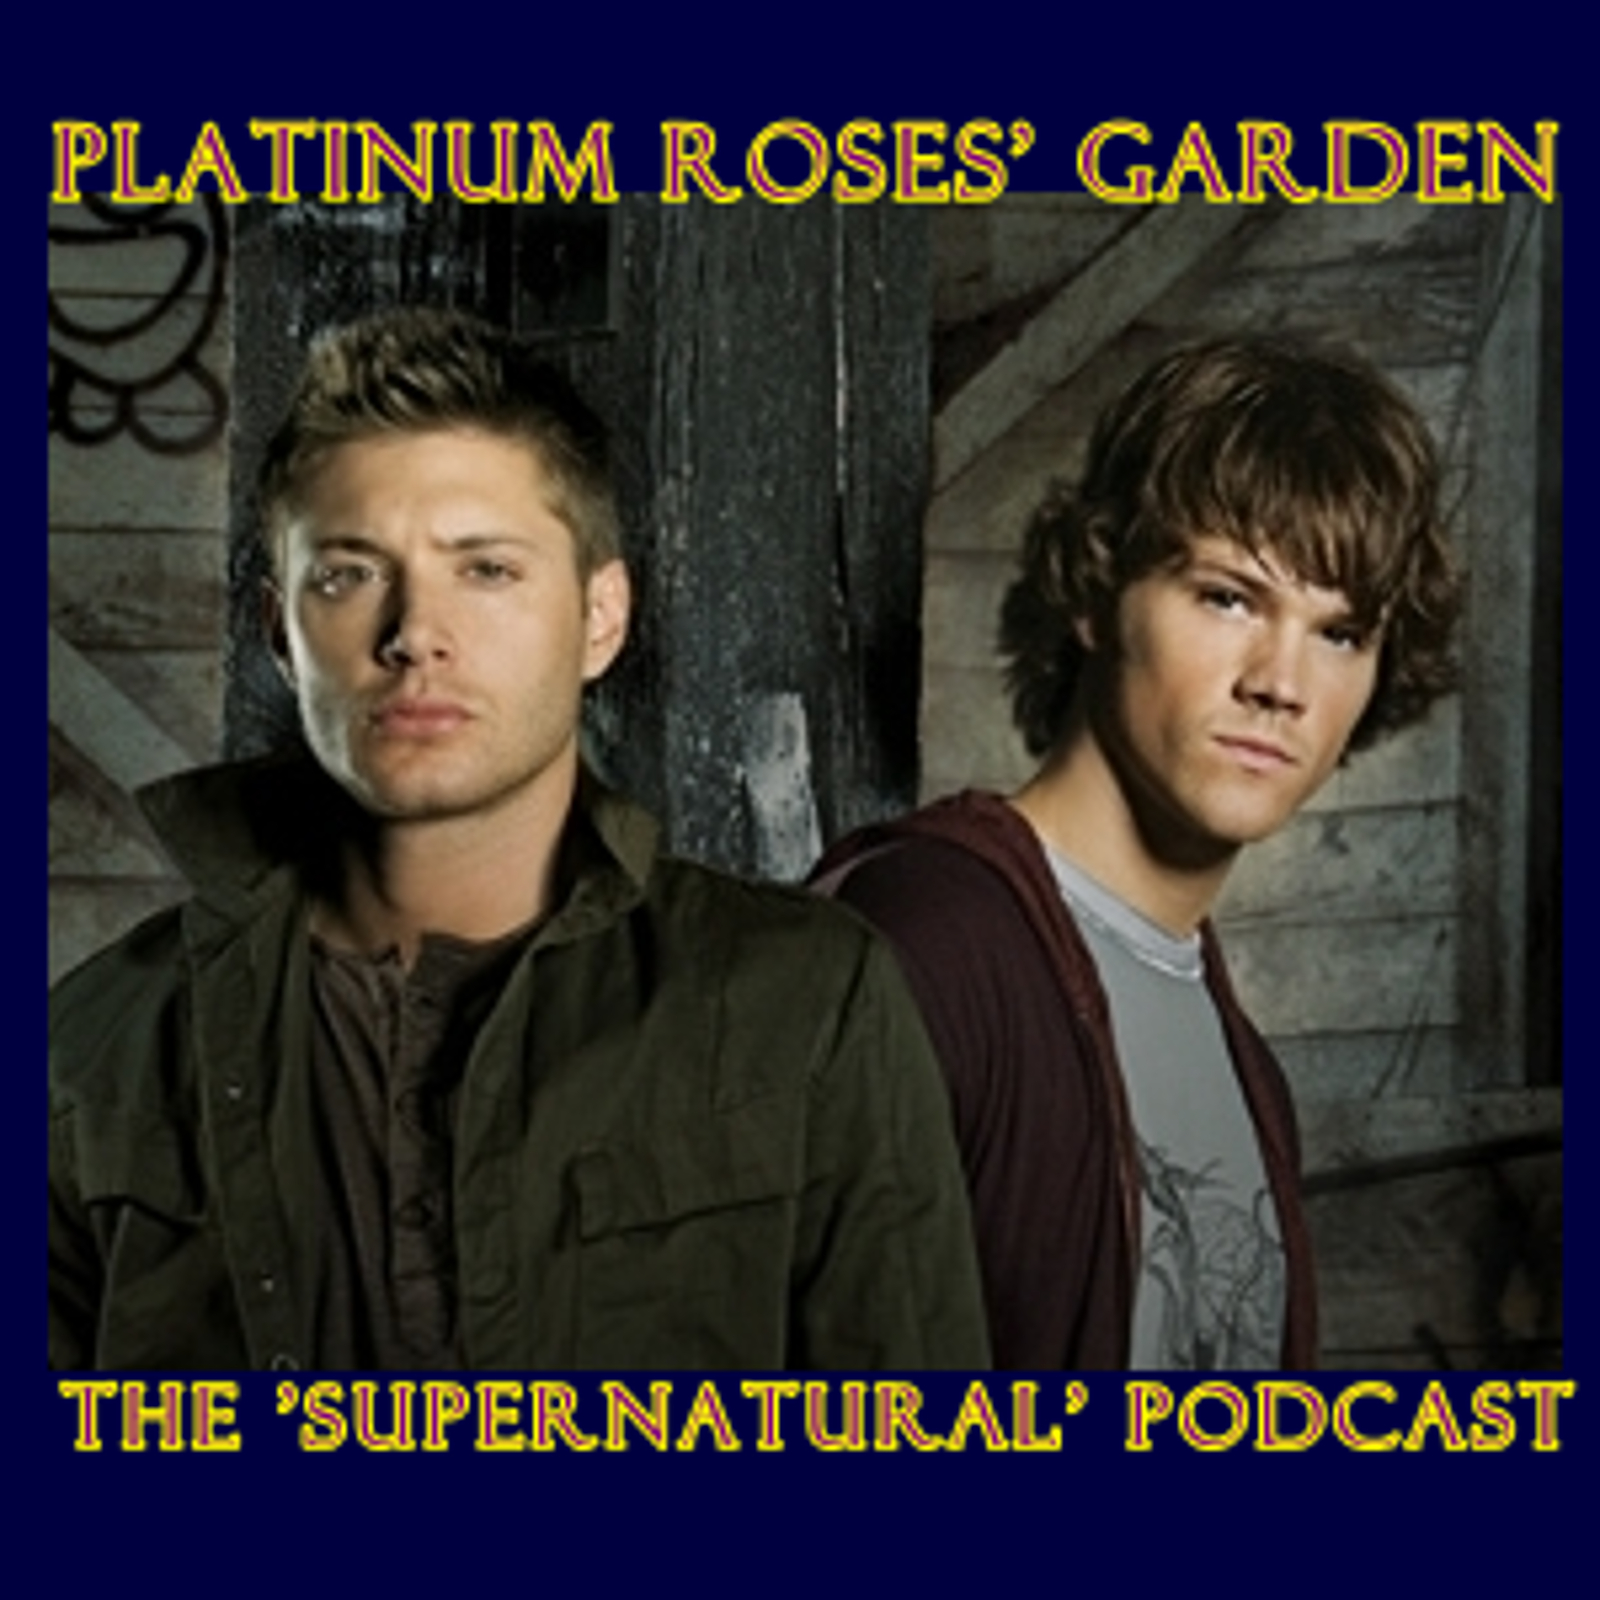 Artwork for Platinum Roses' Garden - November 11 2011